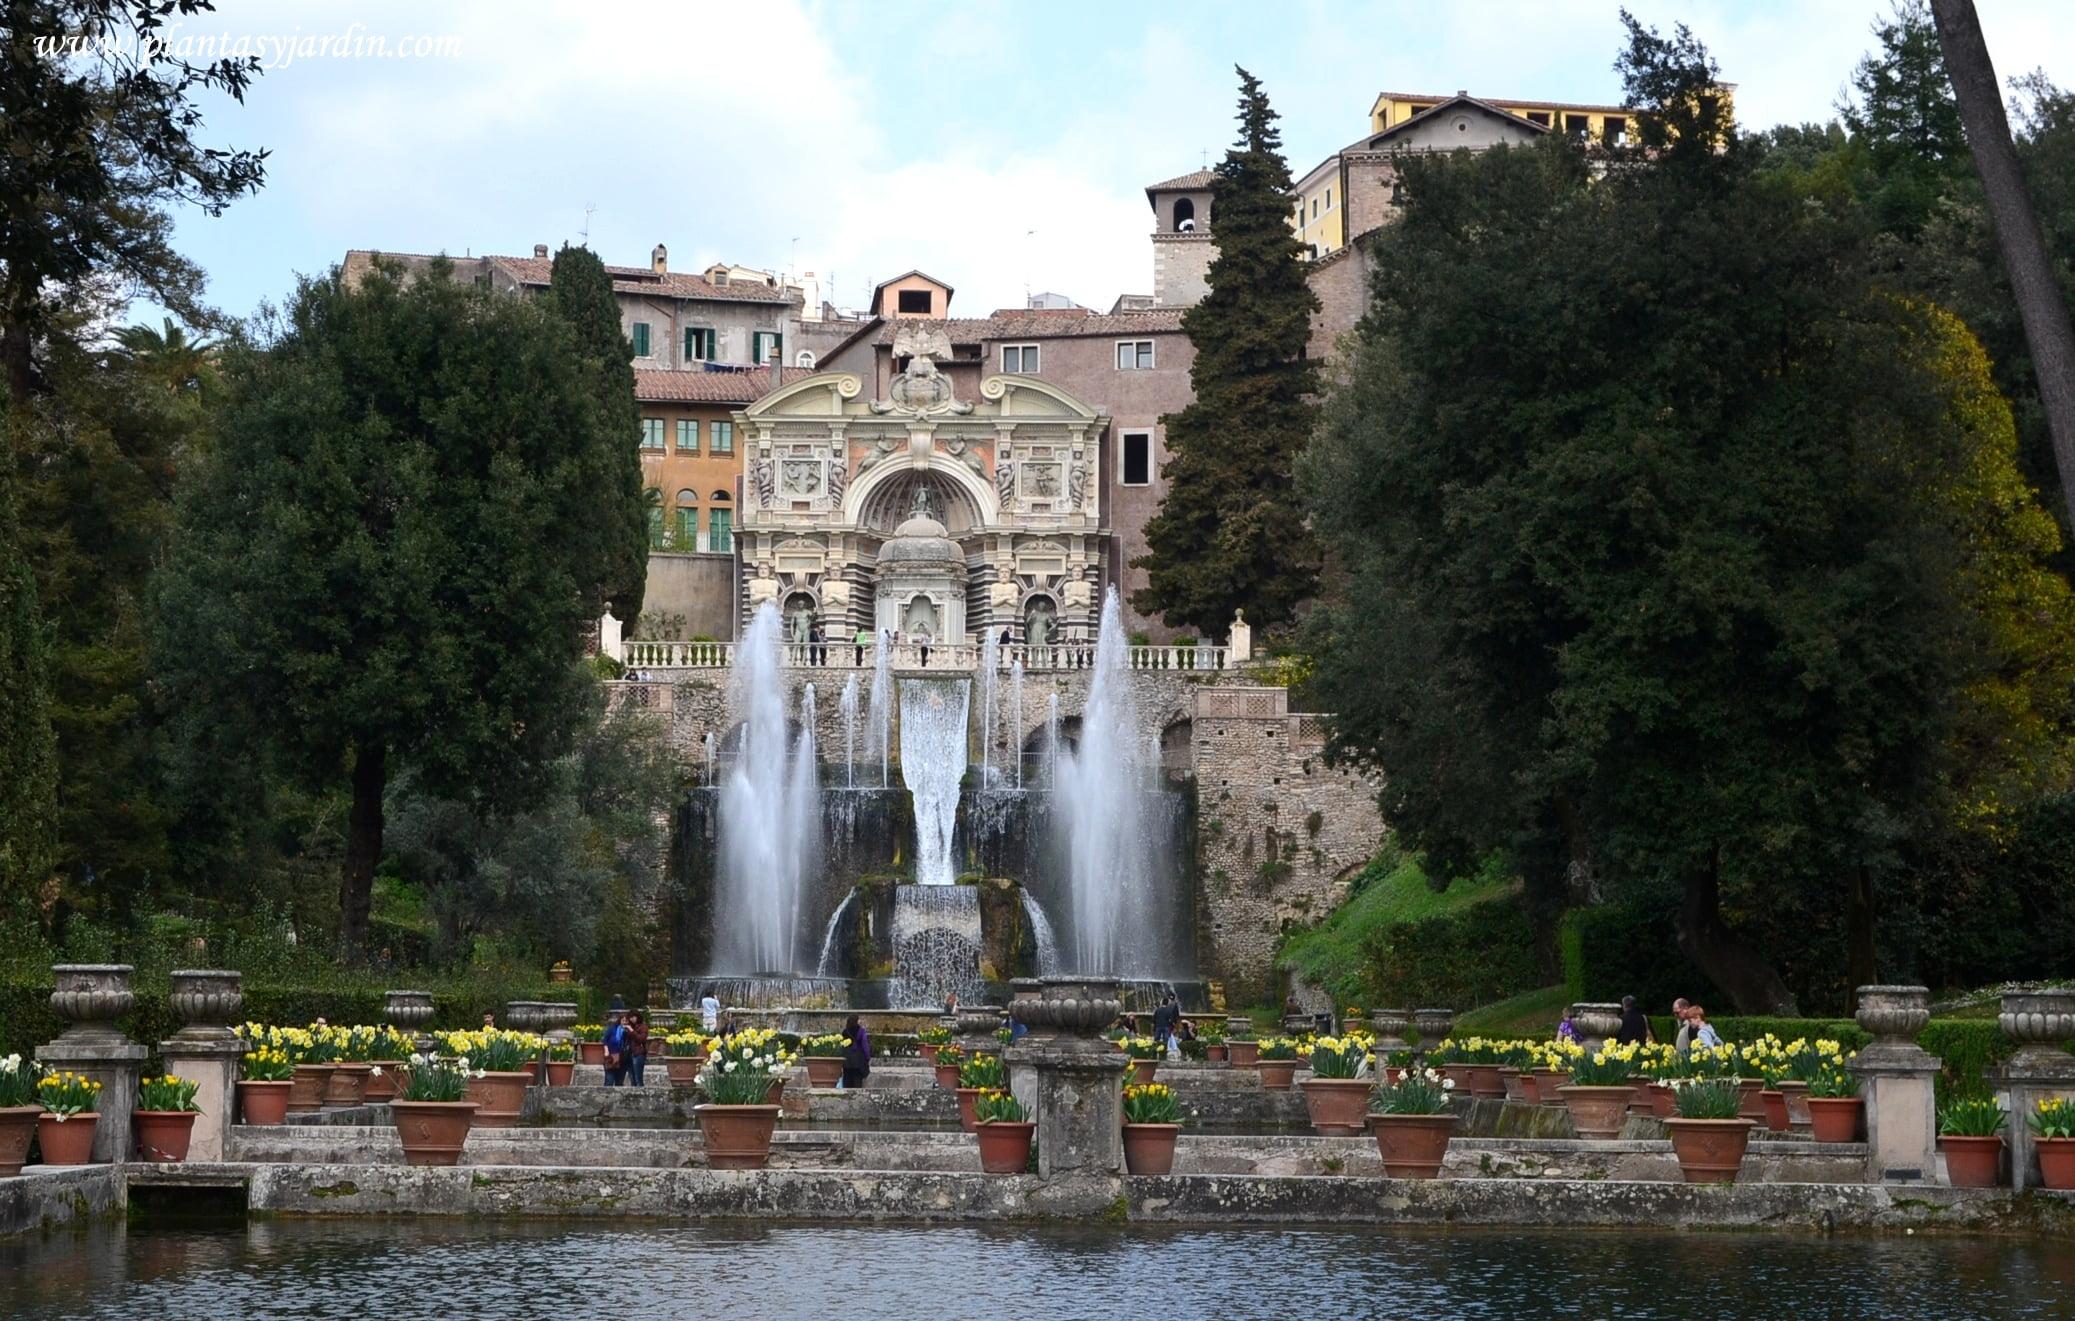 La fuente del Organo con una cascada naturalista con juegos de agua ...